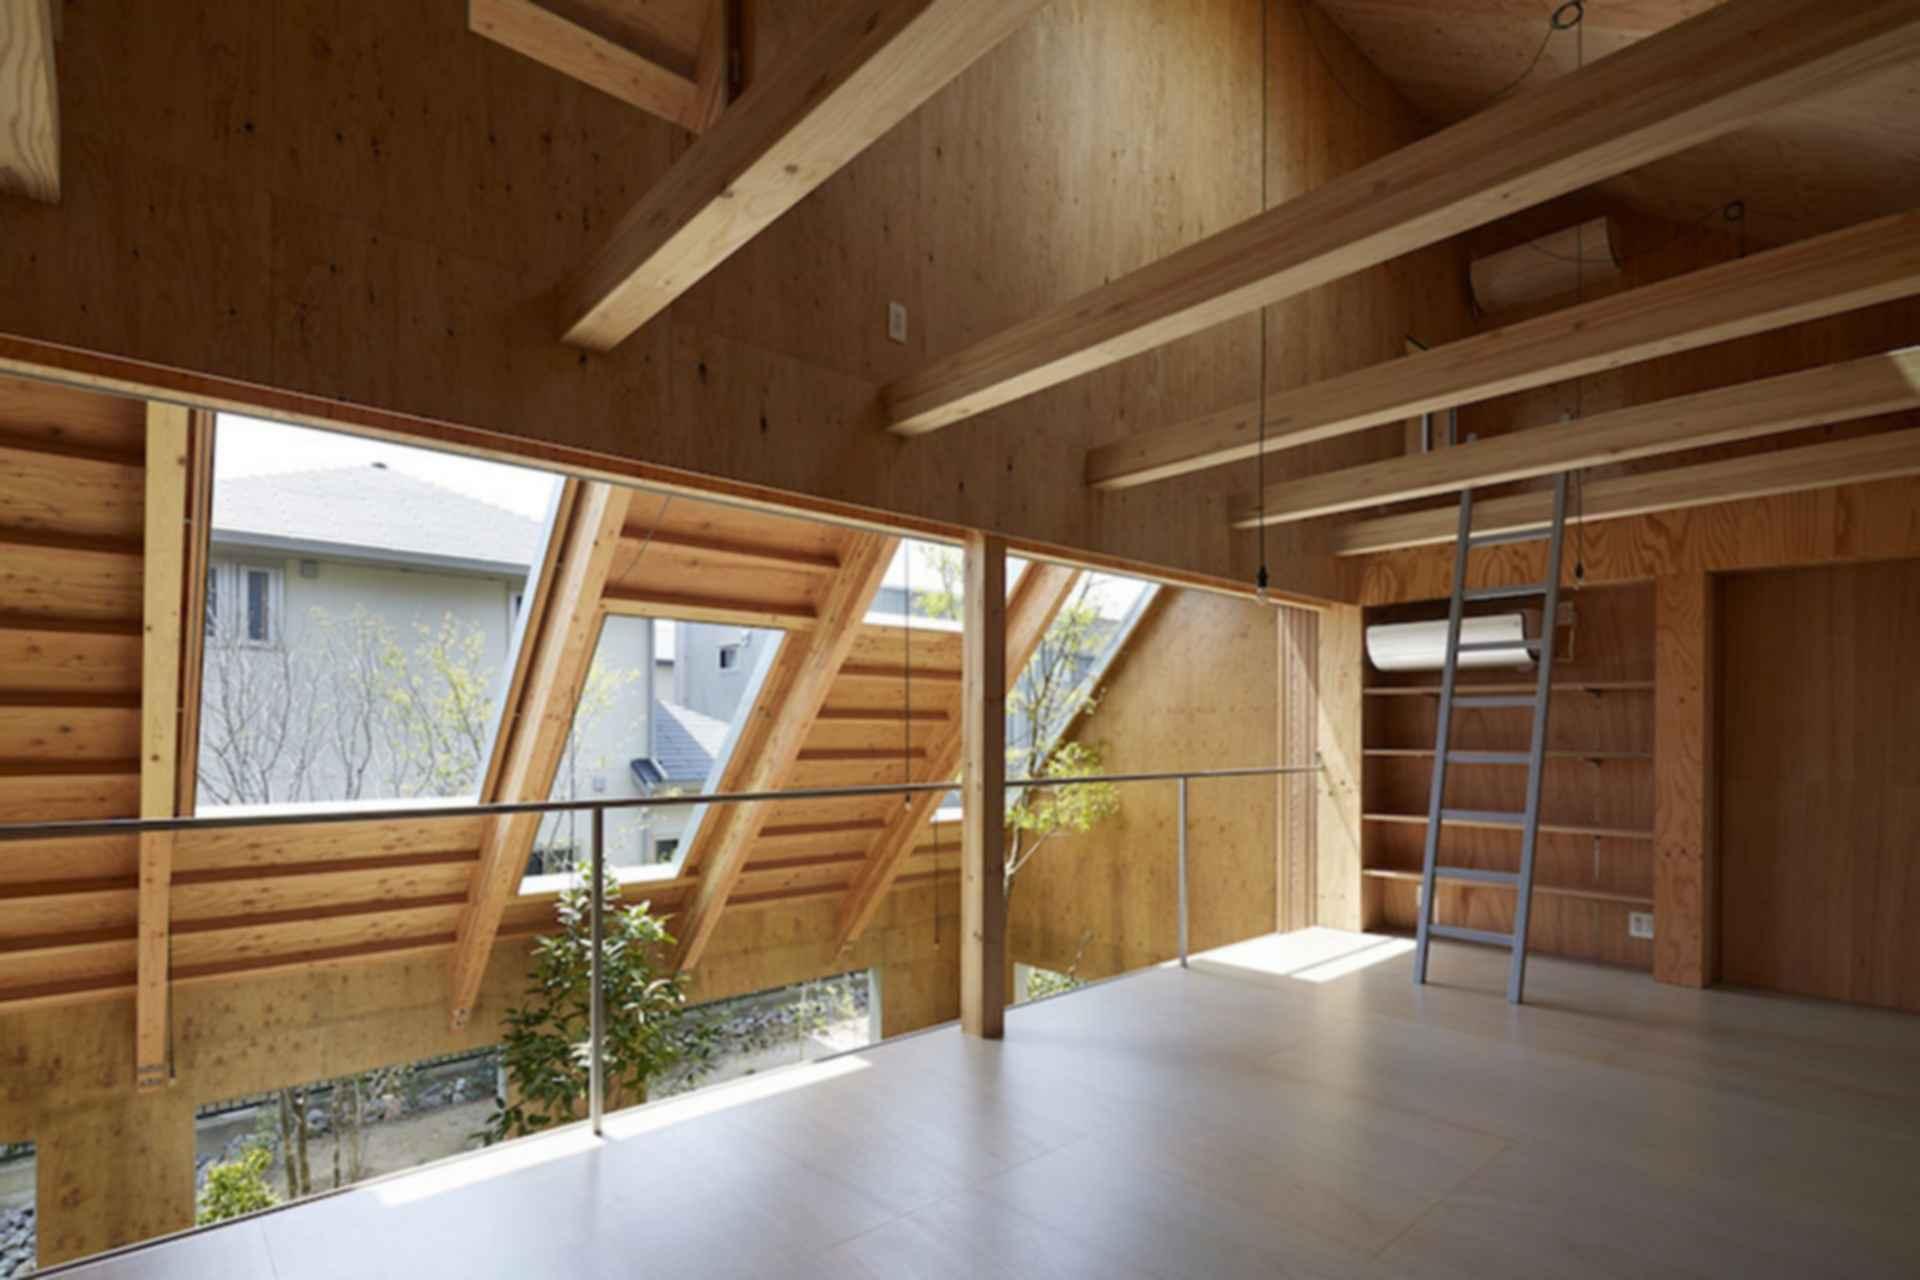 House in Anjo - interior